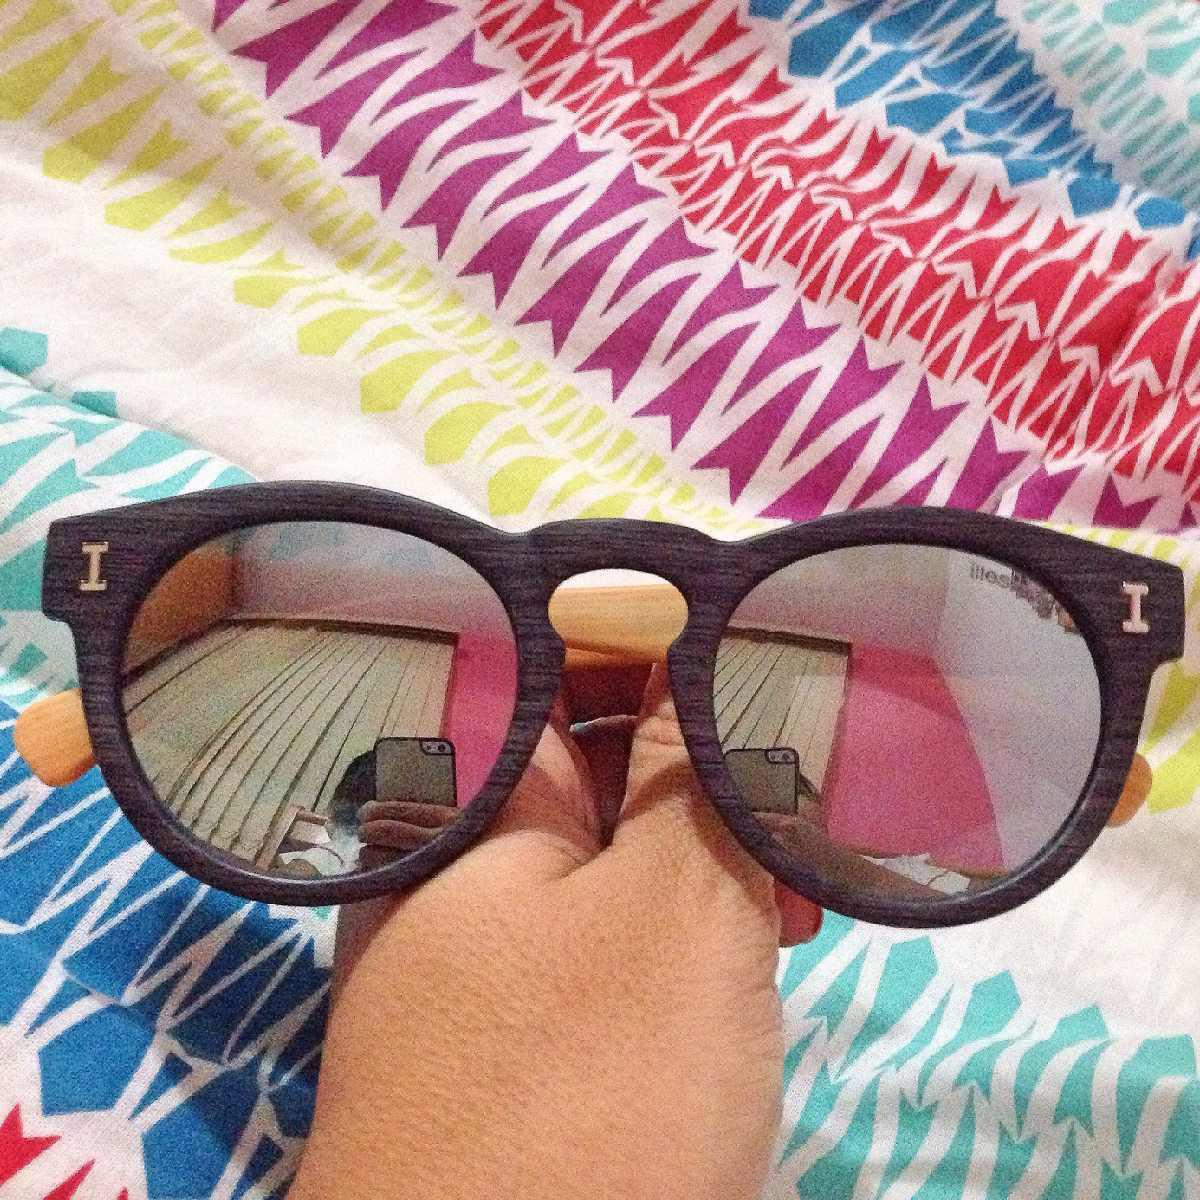 f57466327b98f óculos illesteva amadeirado espelhado azul prata madeira. Carregando zoom.